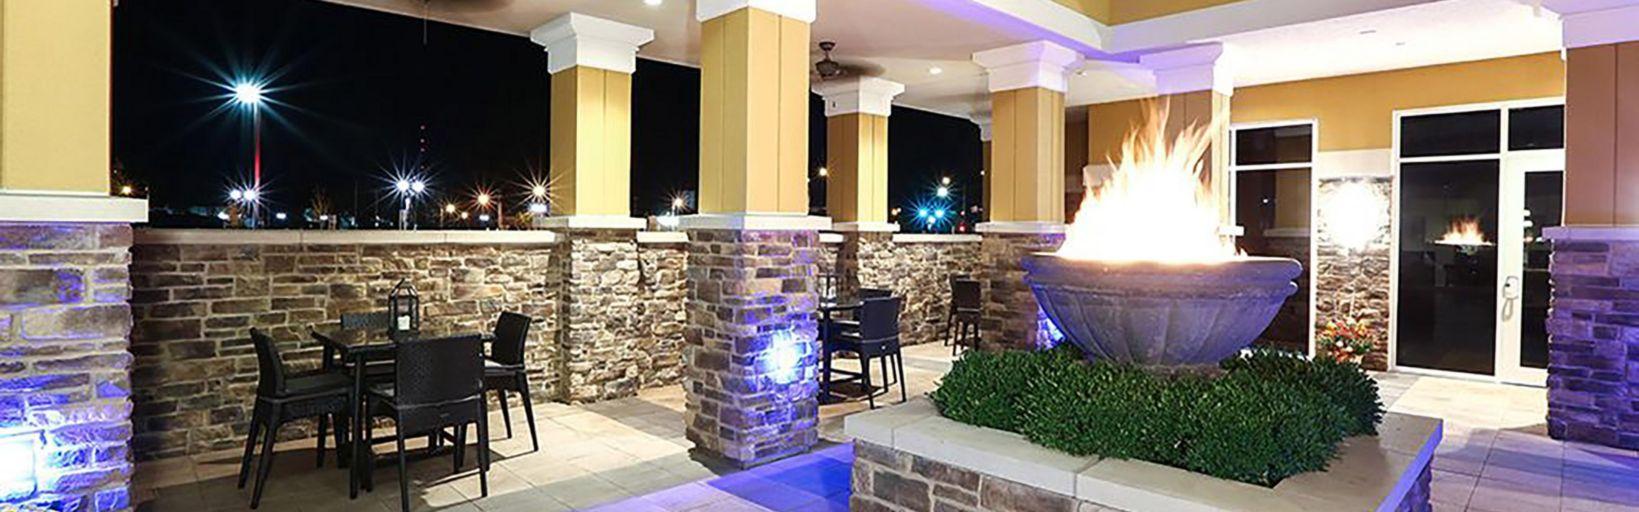 Suites Hotel In East Peoria Il Exterior Feature